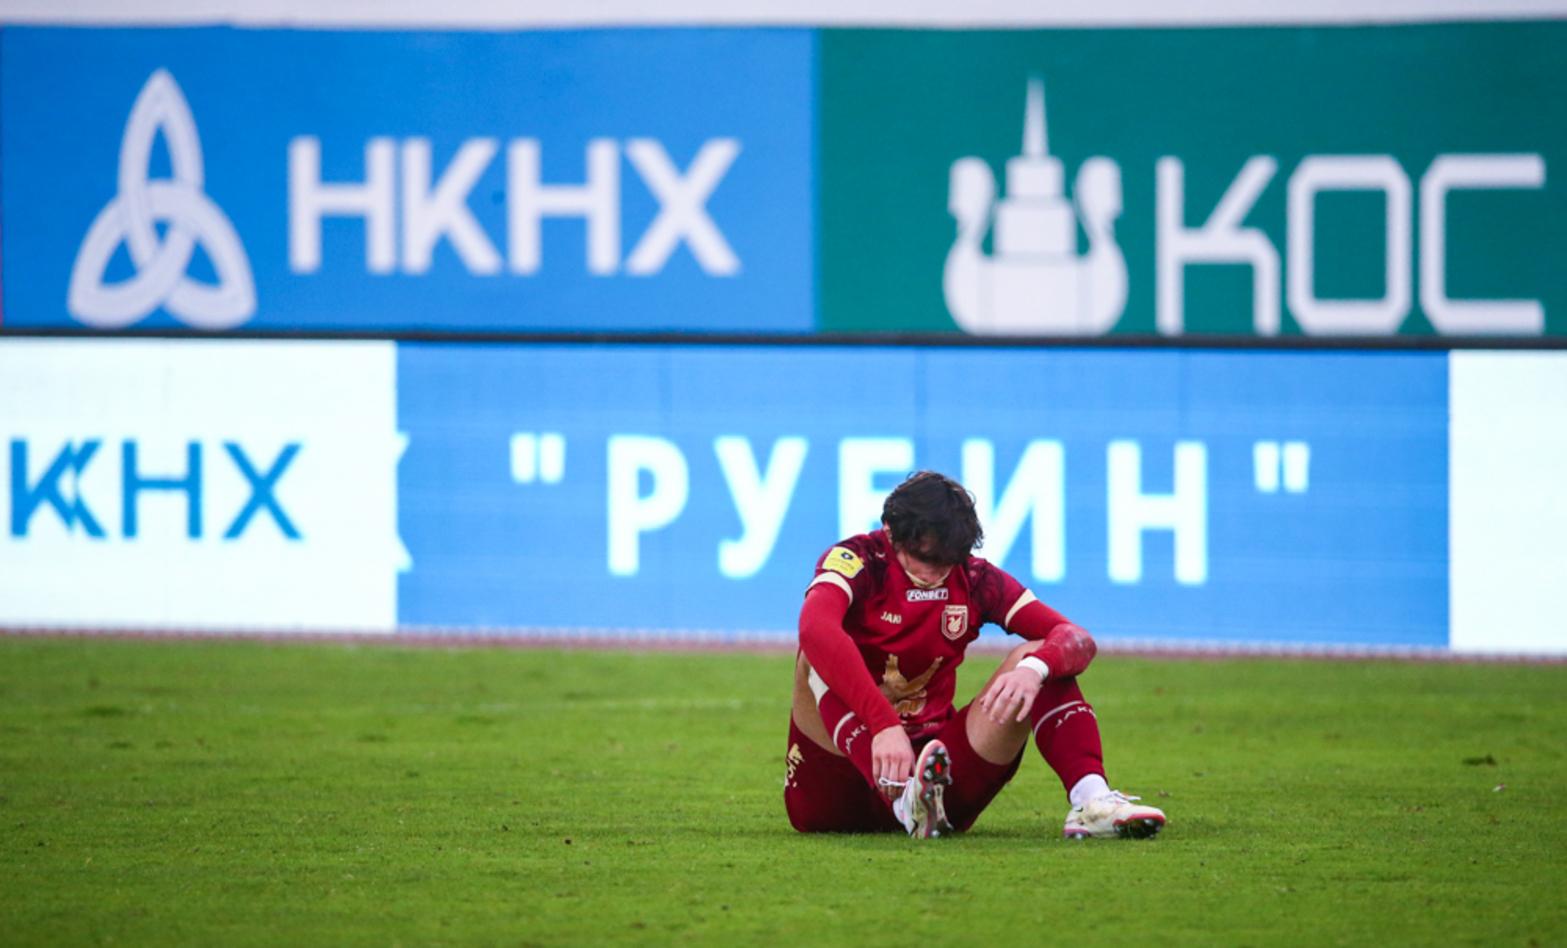 У «Рубина» – три поражения подряд. Хвича не забил «Нижнему» пенальти и «бросил весла» (так сказал Дюпин)